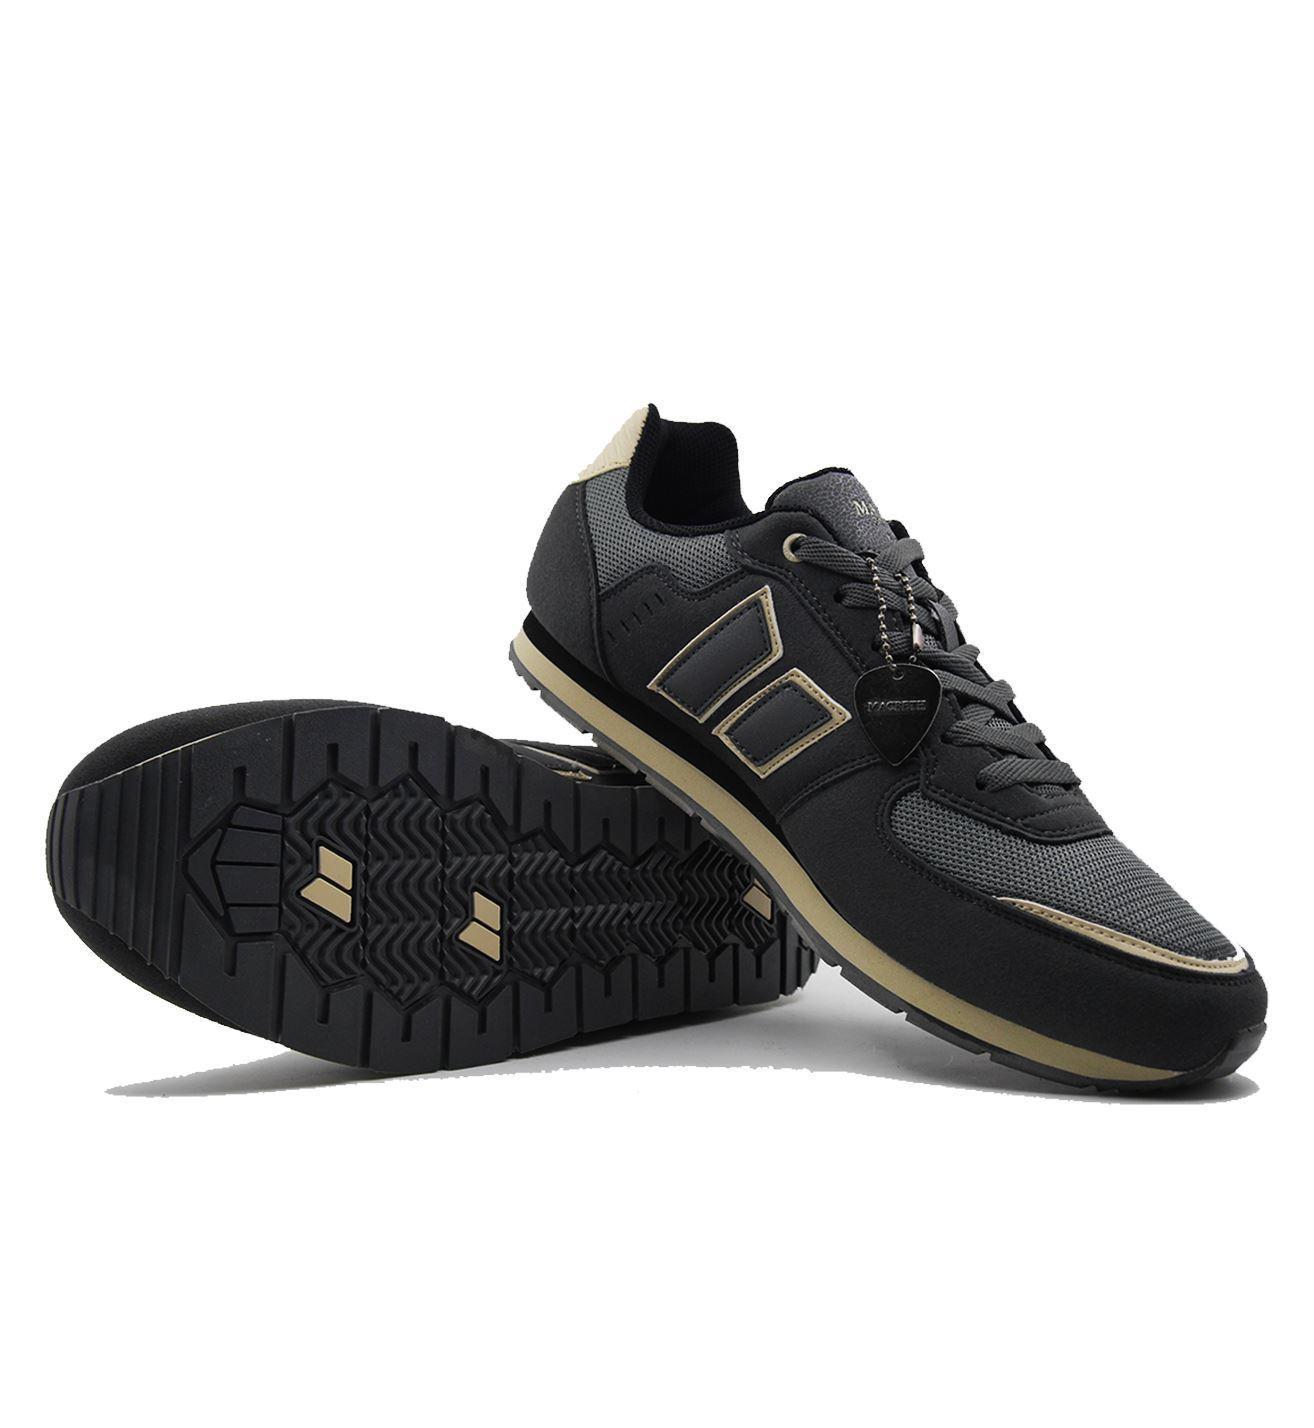 Macbeth Footwear Fischer Men's Shoes